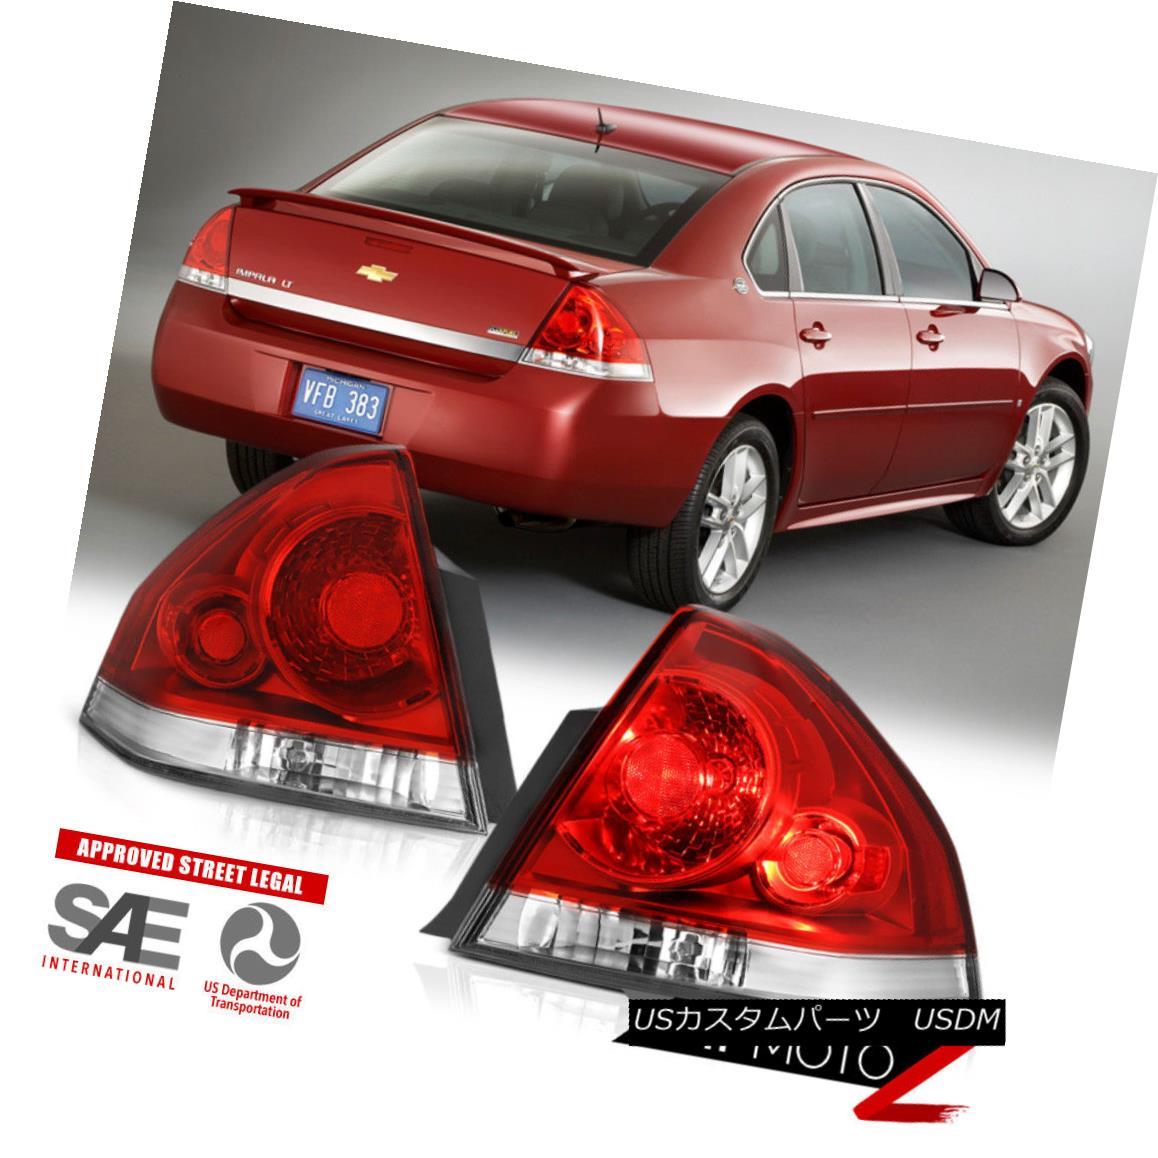 テールライト [LEFT+RIGHT] 2006-2013 Chevy Impala Factory Style Red Tail Lights Wiring Harness [左+右] 2006-2013シボレーインパラ工場スタイルレッドテールライトワイヤハーネス